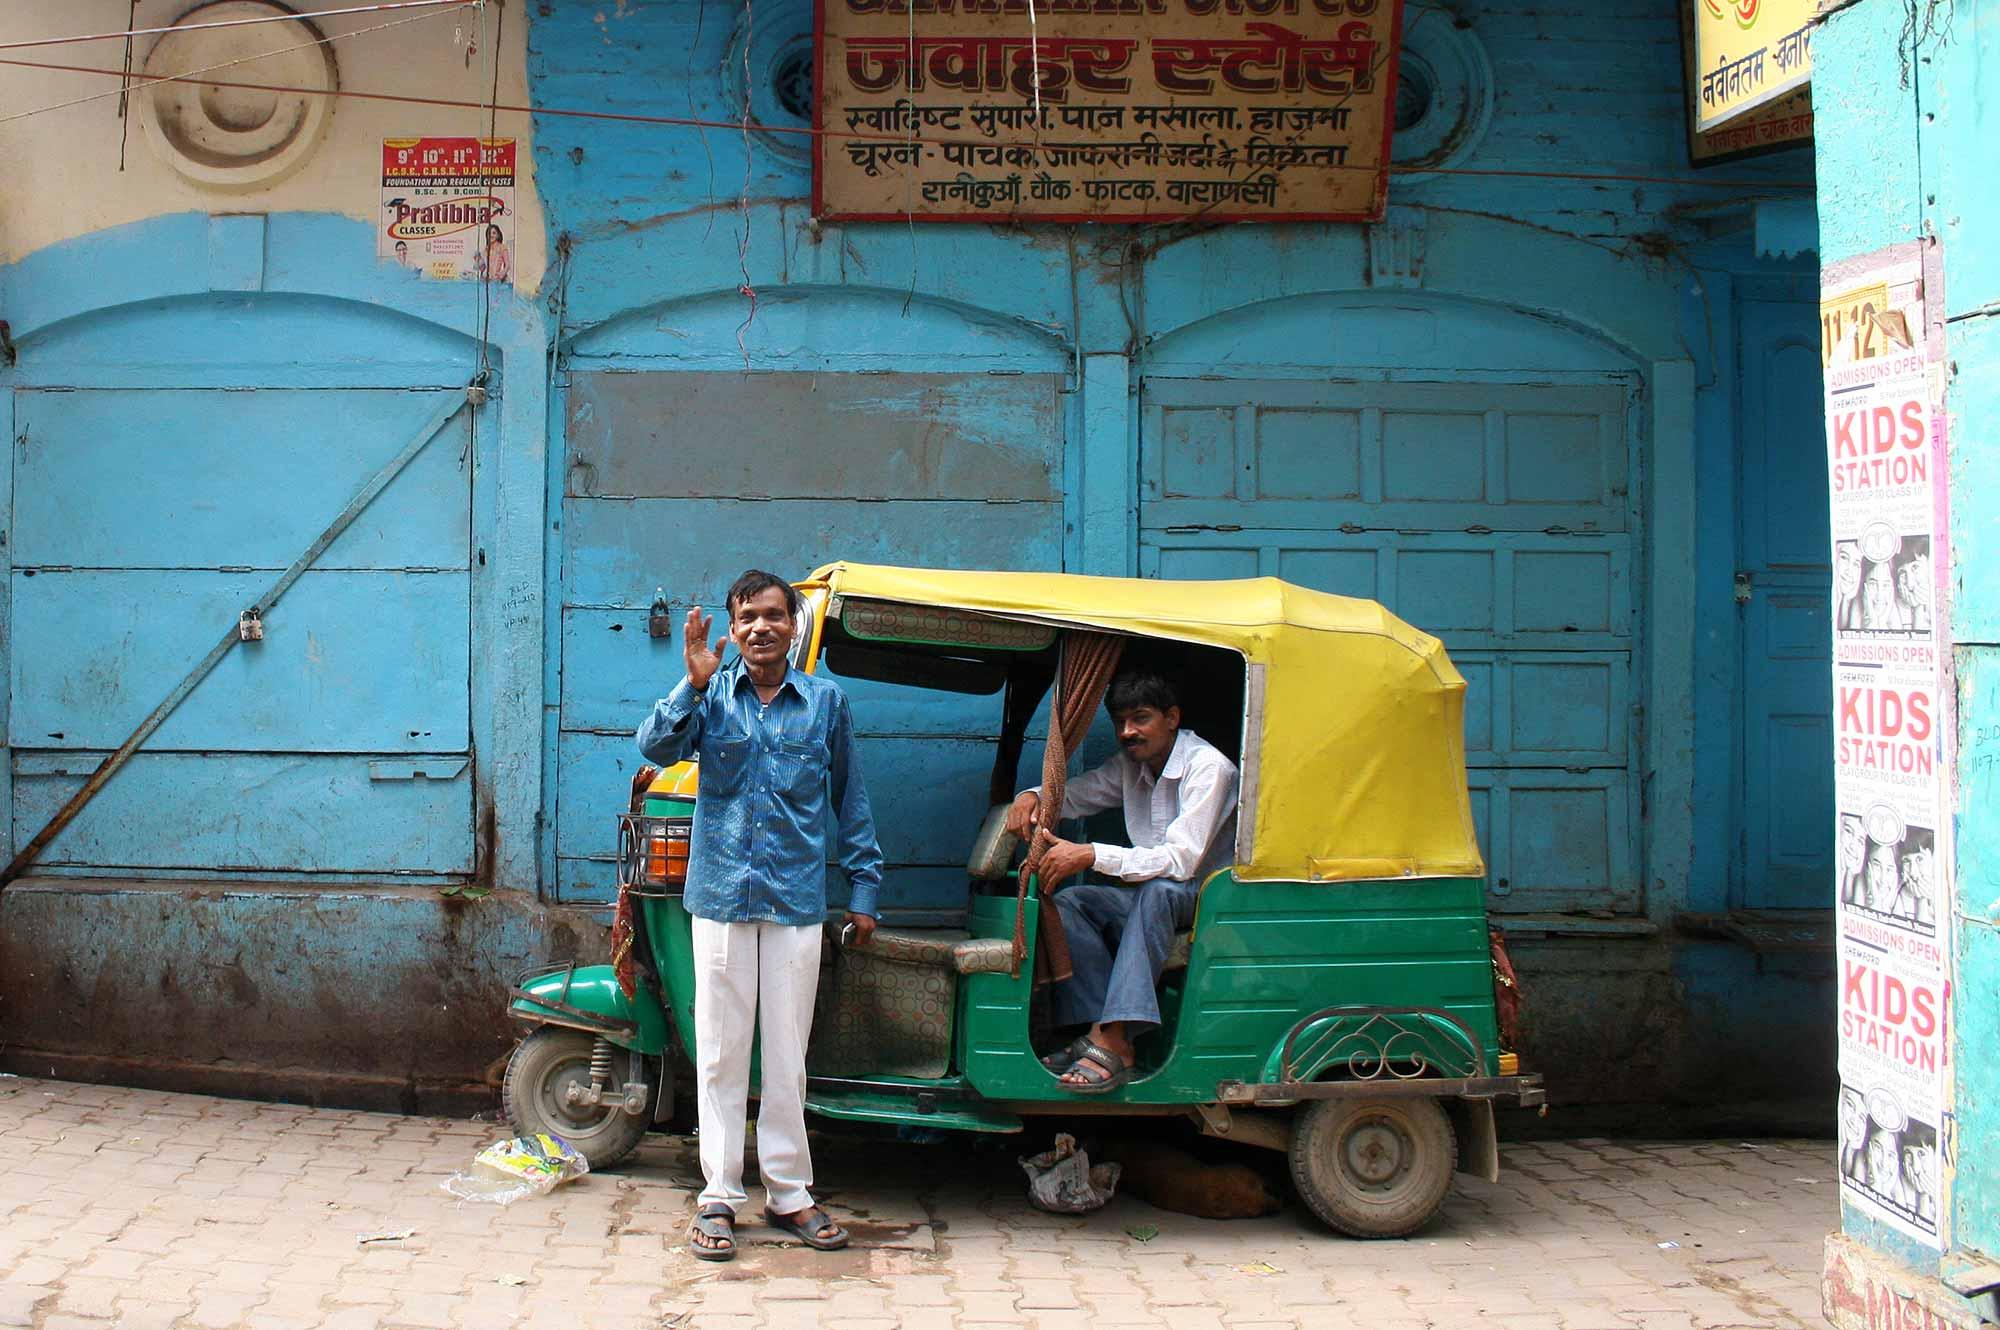 tuk-tuk-driver-varanasi-india